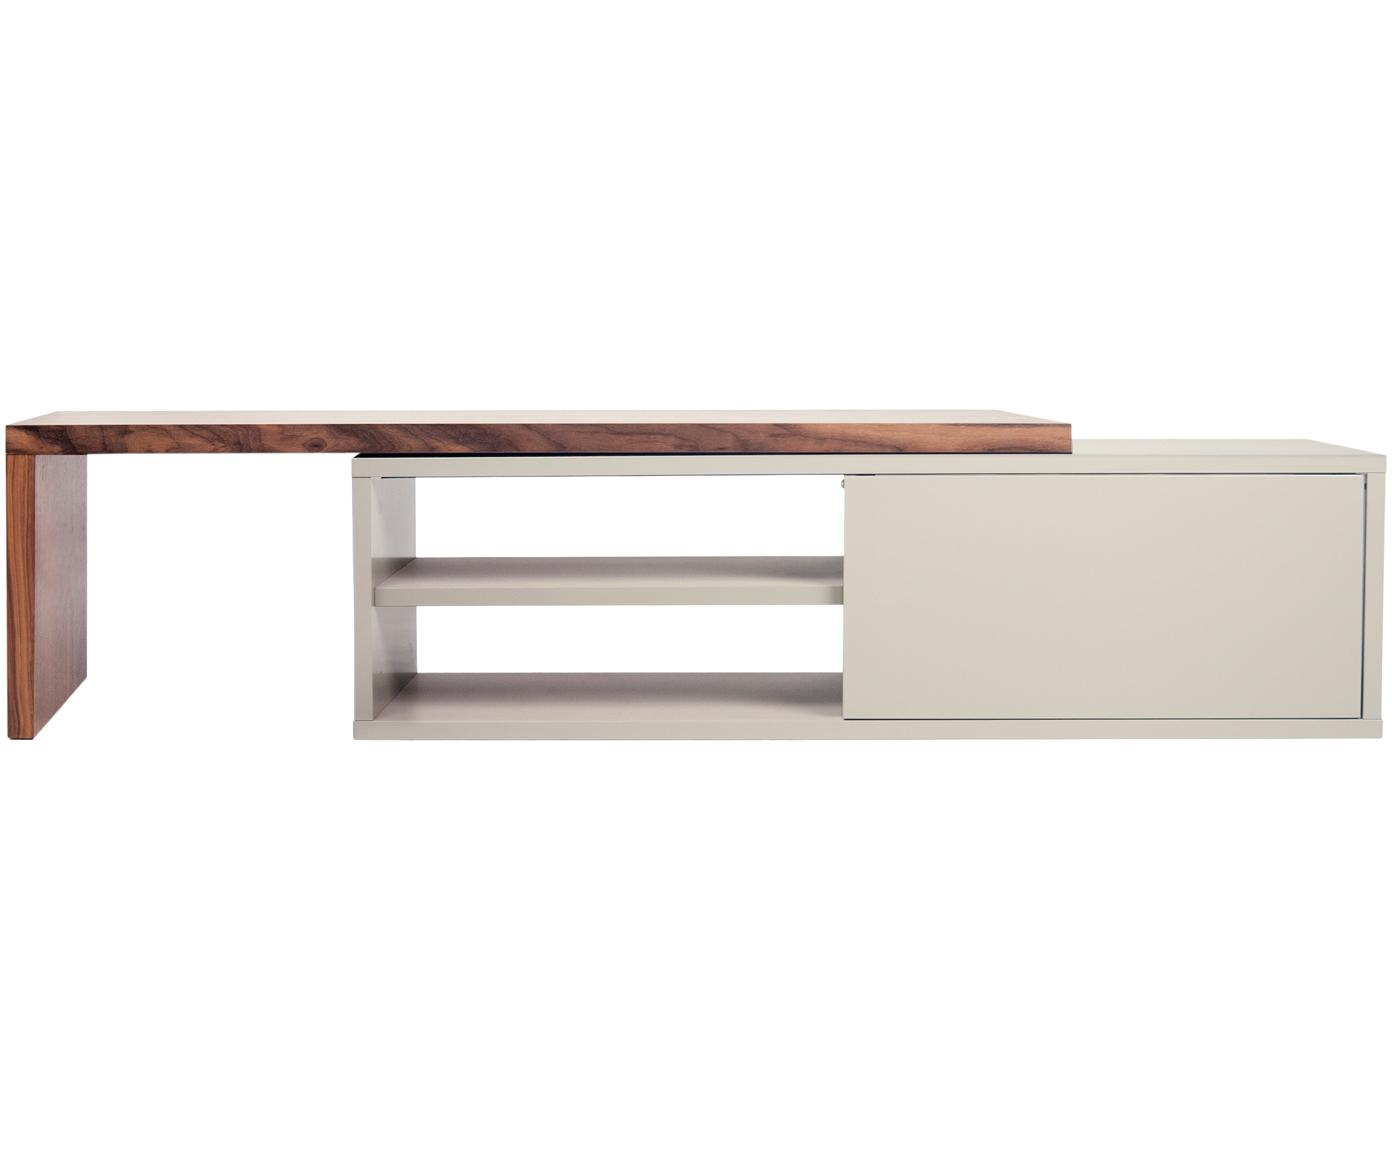 Tv-meubel Lieke met schuifdeur, Grijs, walnootkleurig, 110 x 32 cm